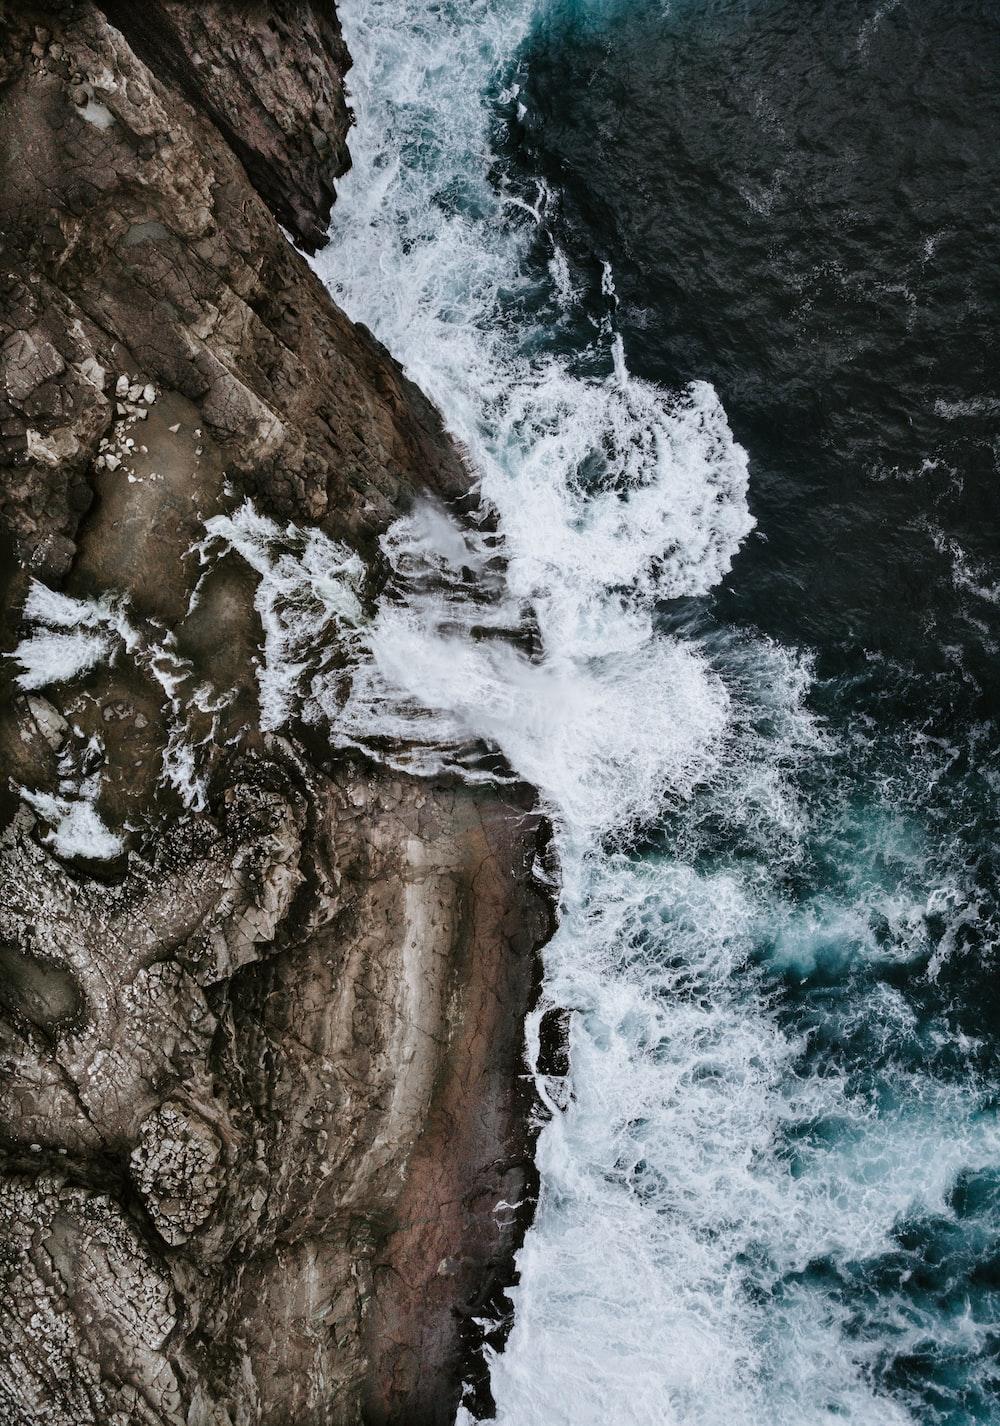 bird's eye view water waves crashing to rocks